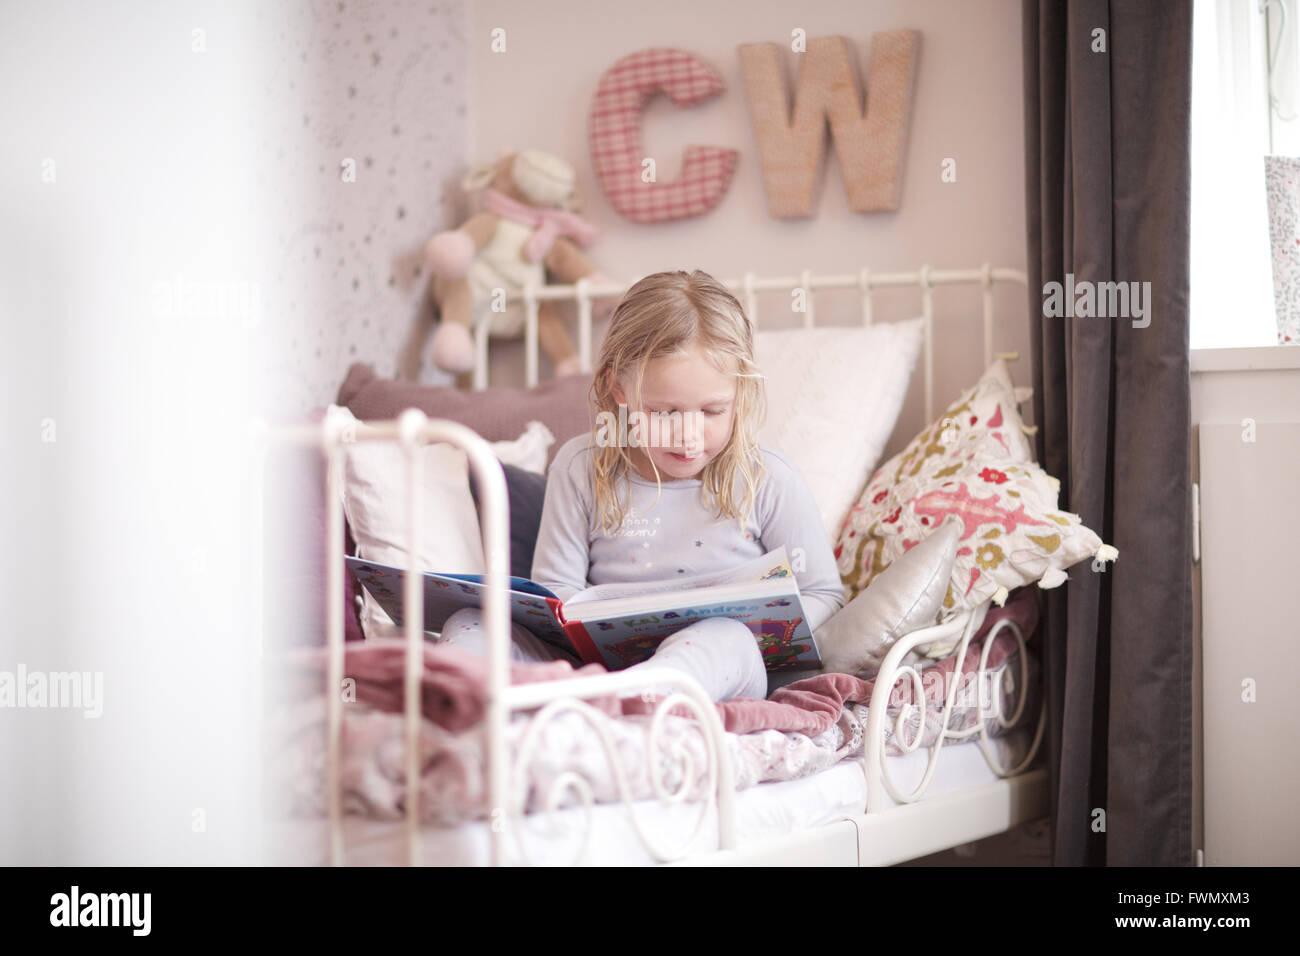 Bambina lettura storybook. focus, capretto, apprendimento, leggere. Immagini Stock